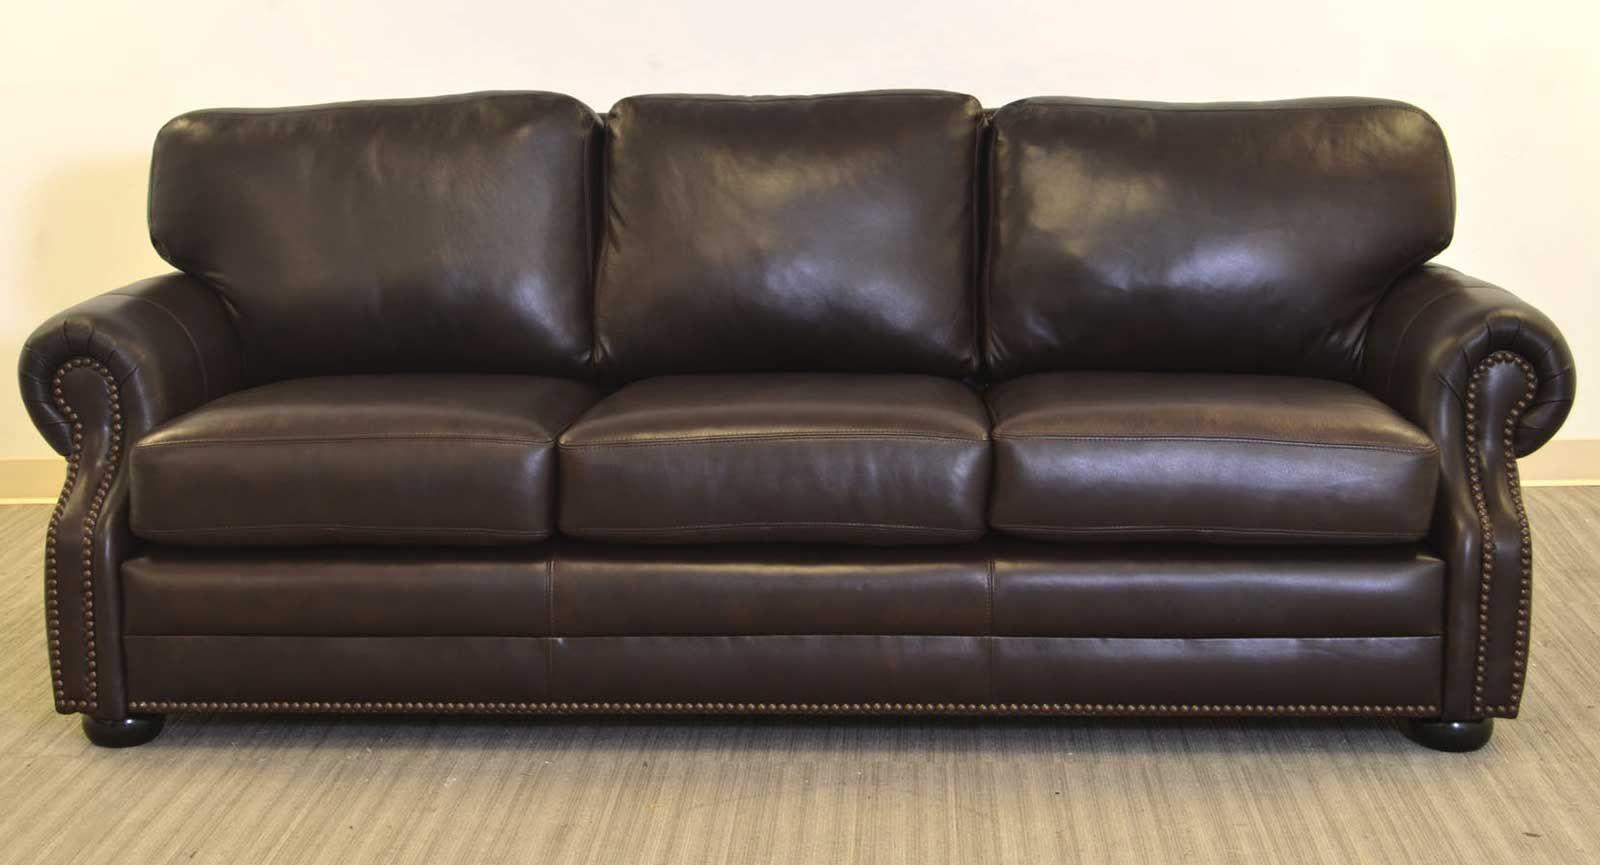 Hudson Sofa The Leather Sofa Company Sofa Hudson Sofa Sofa Company